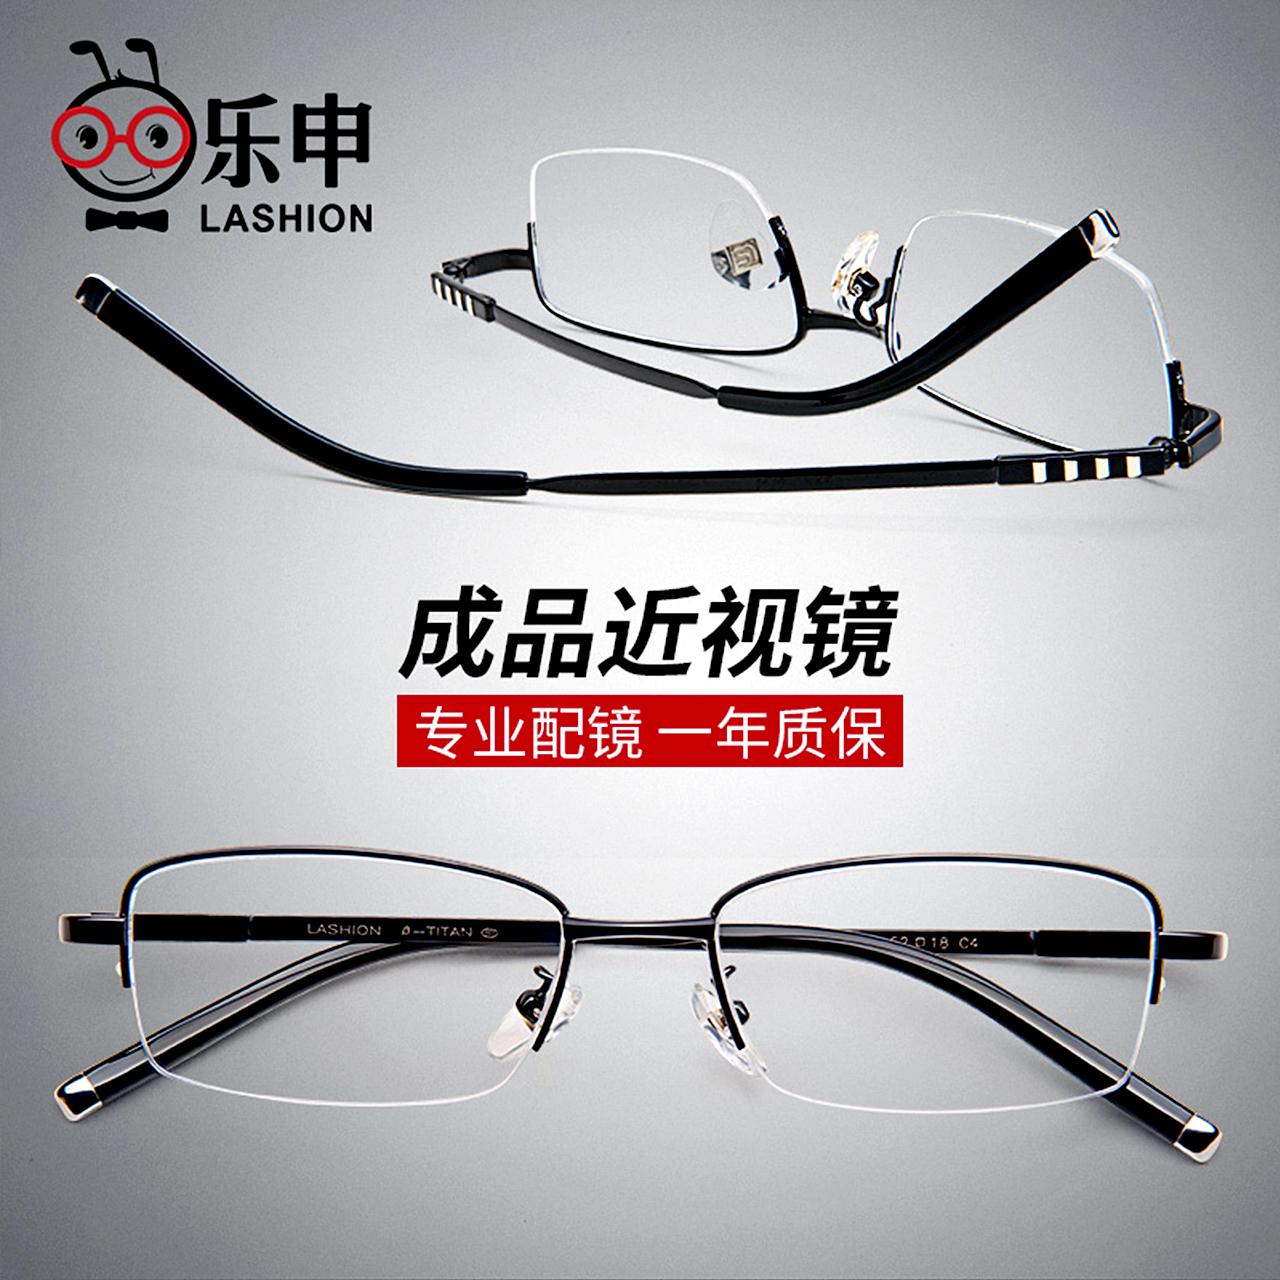 降¥30,乐申 9071/9072 男士商务近视镜 可配1.56防蓝光镜